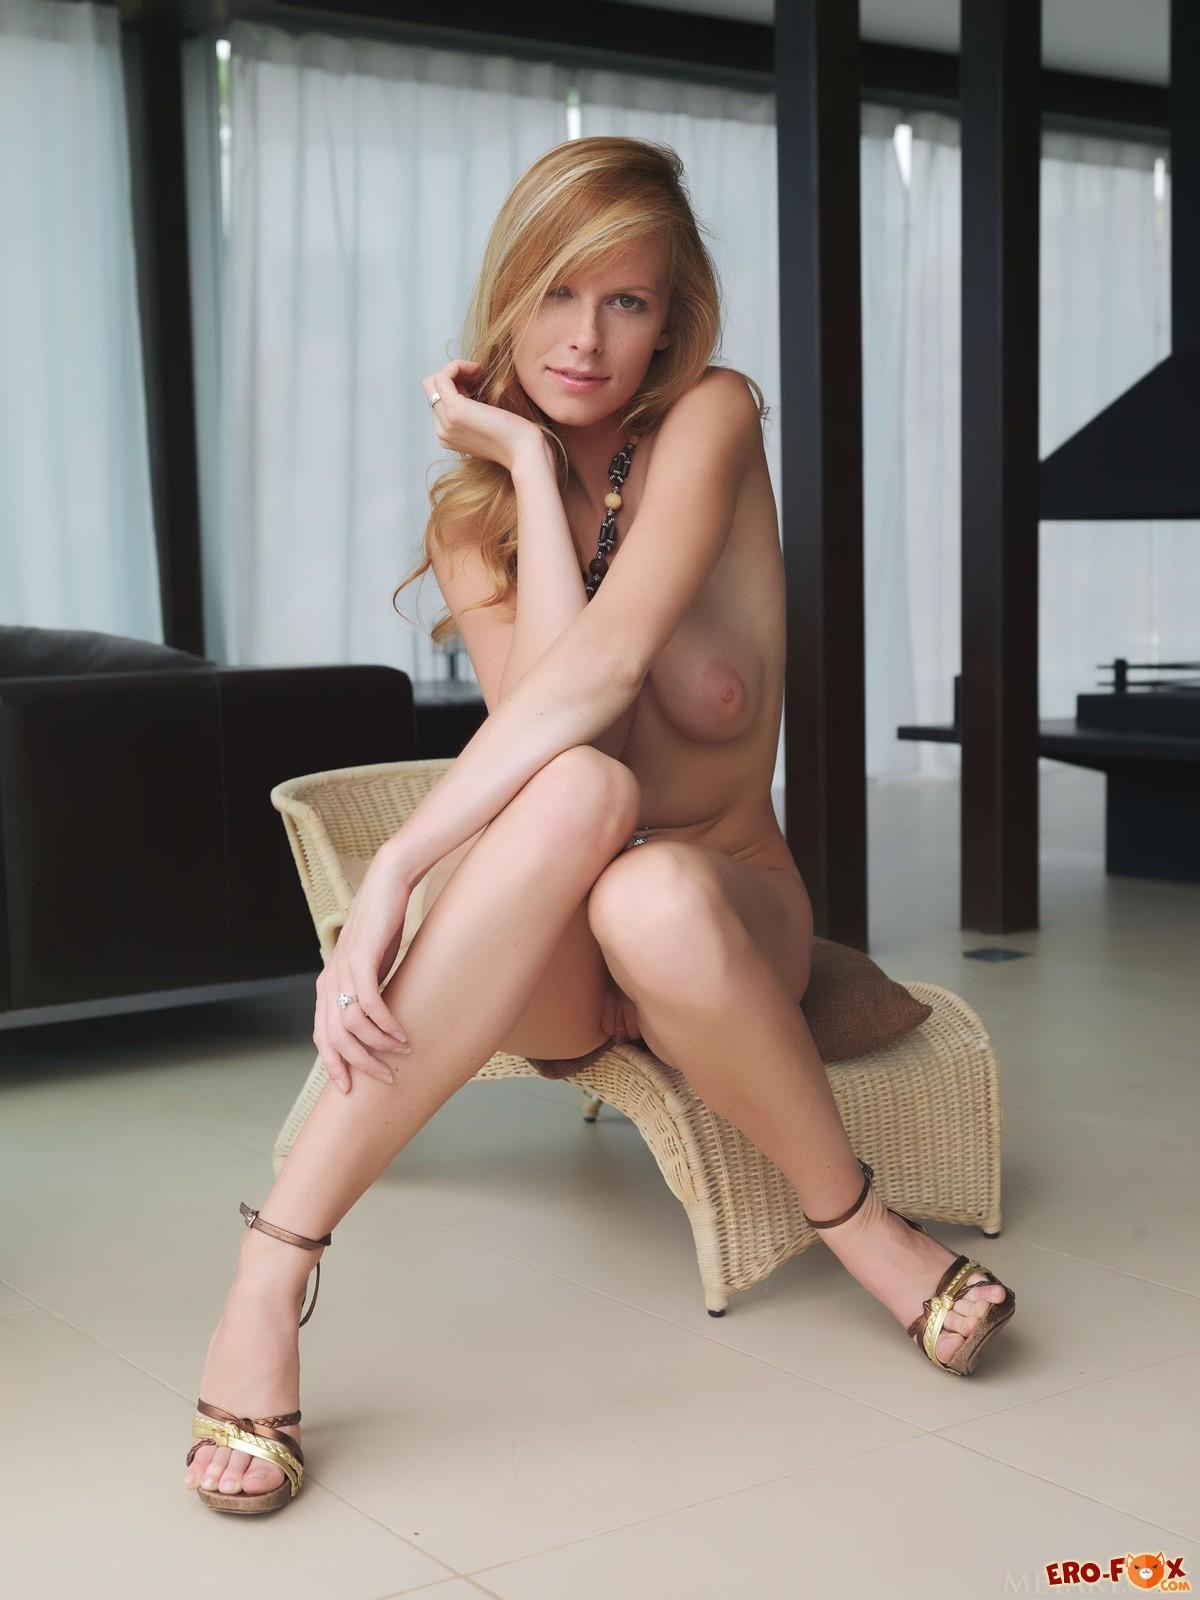 Девушка с висячими сиськами позирует голой в туфлях